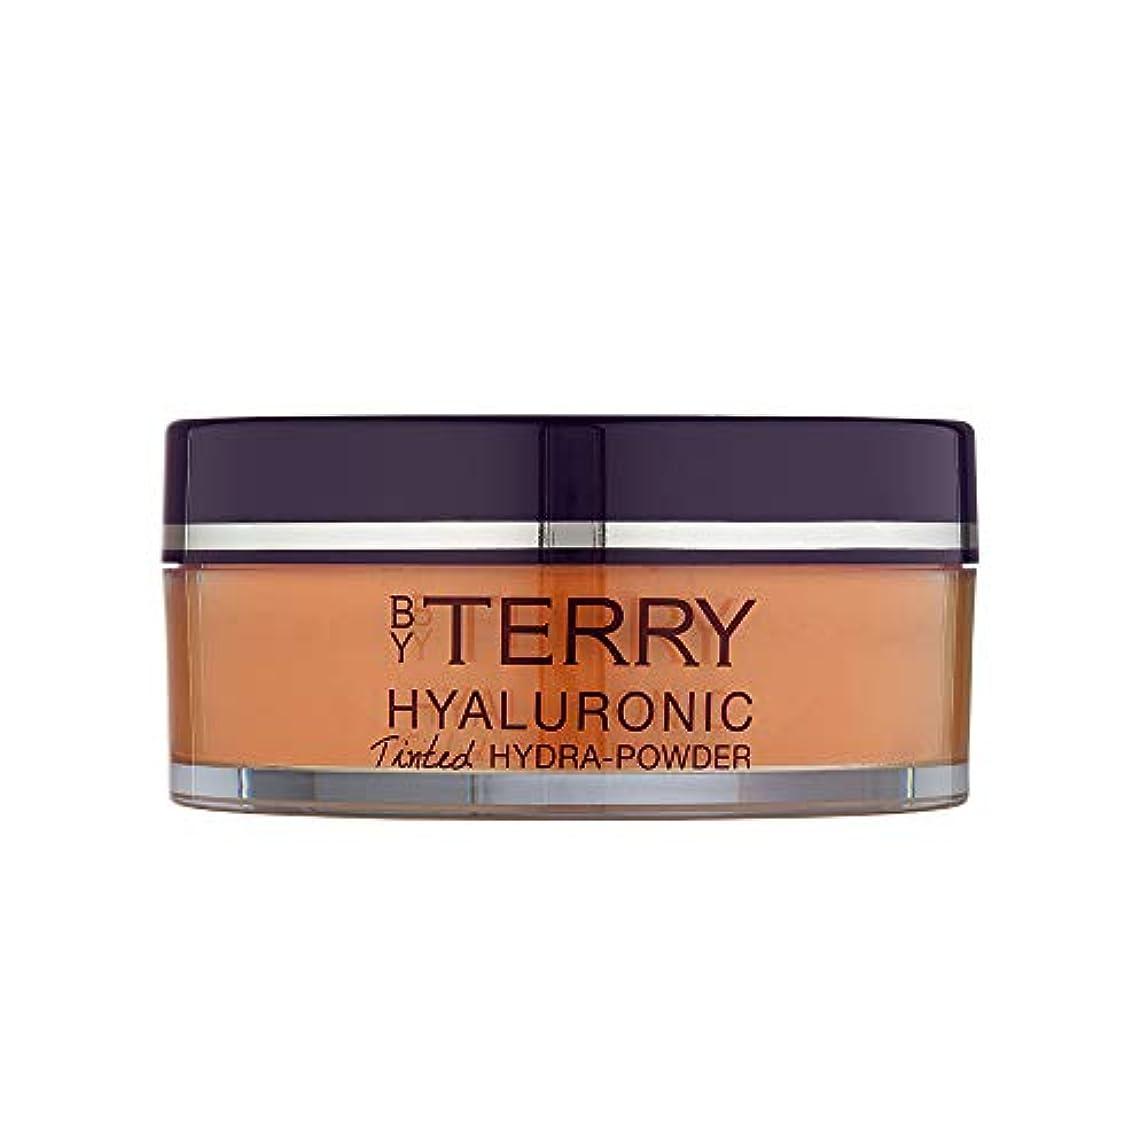 その後承認アームストロングバイテリー Hyaluronic Tinted Hydra Care Setting Powder - # 500 Medium Dark 10g/0.35oz並行輸入品